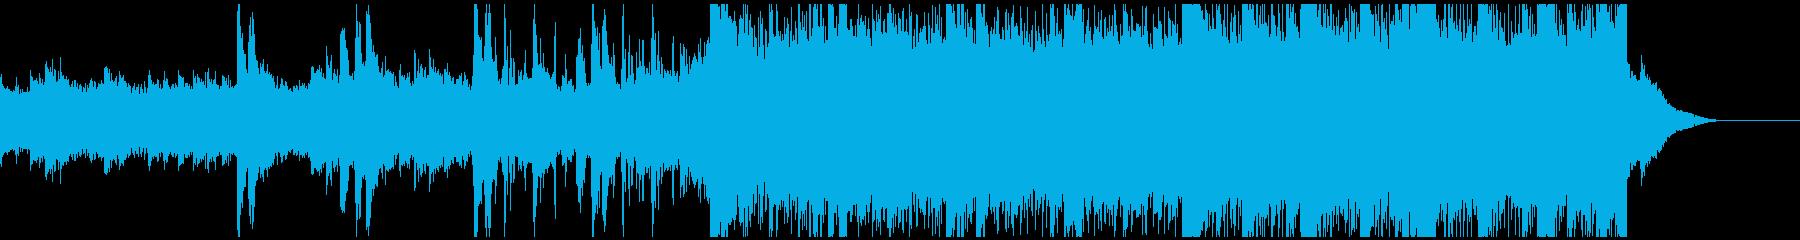 ゲーム・映像に使える恐怖感のあるBGMの再生済みの波形